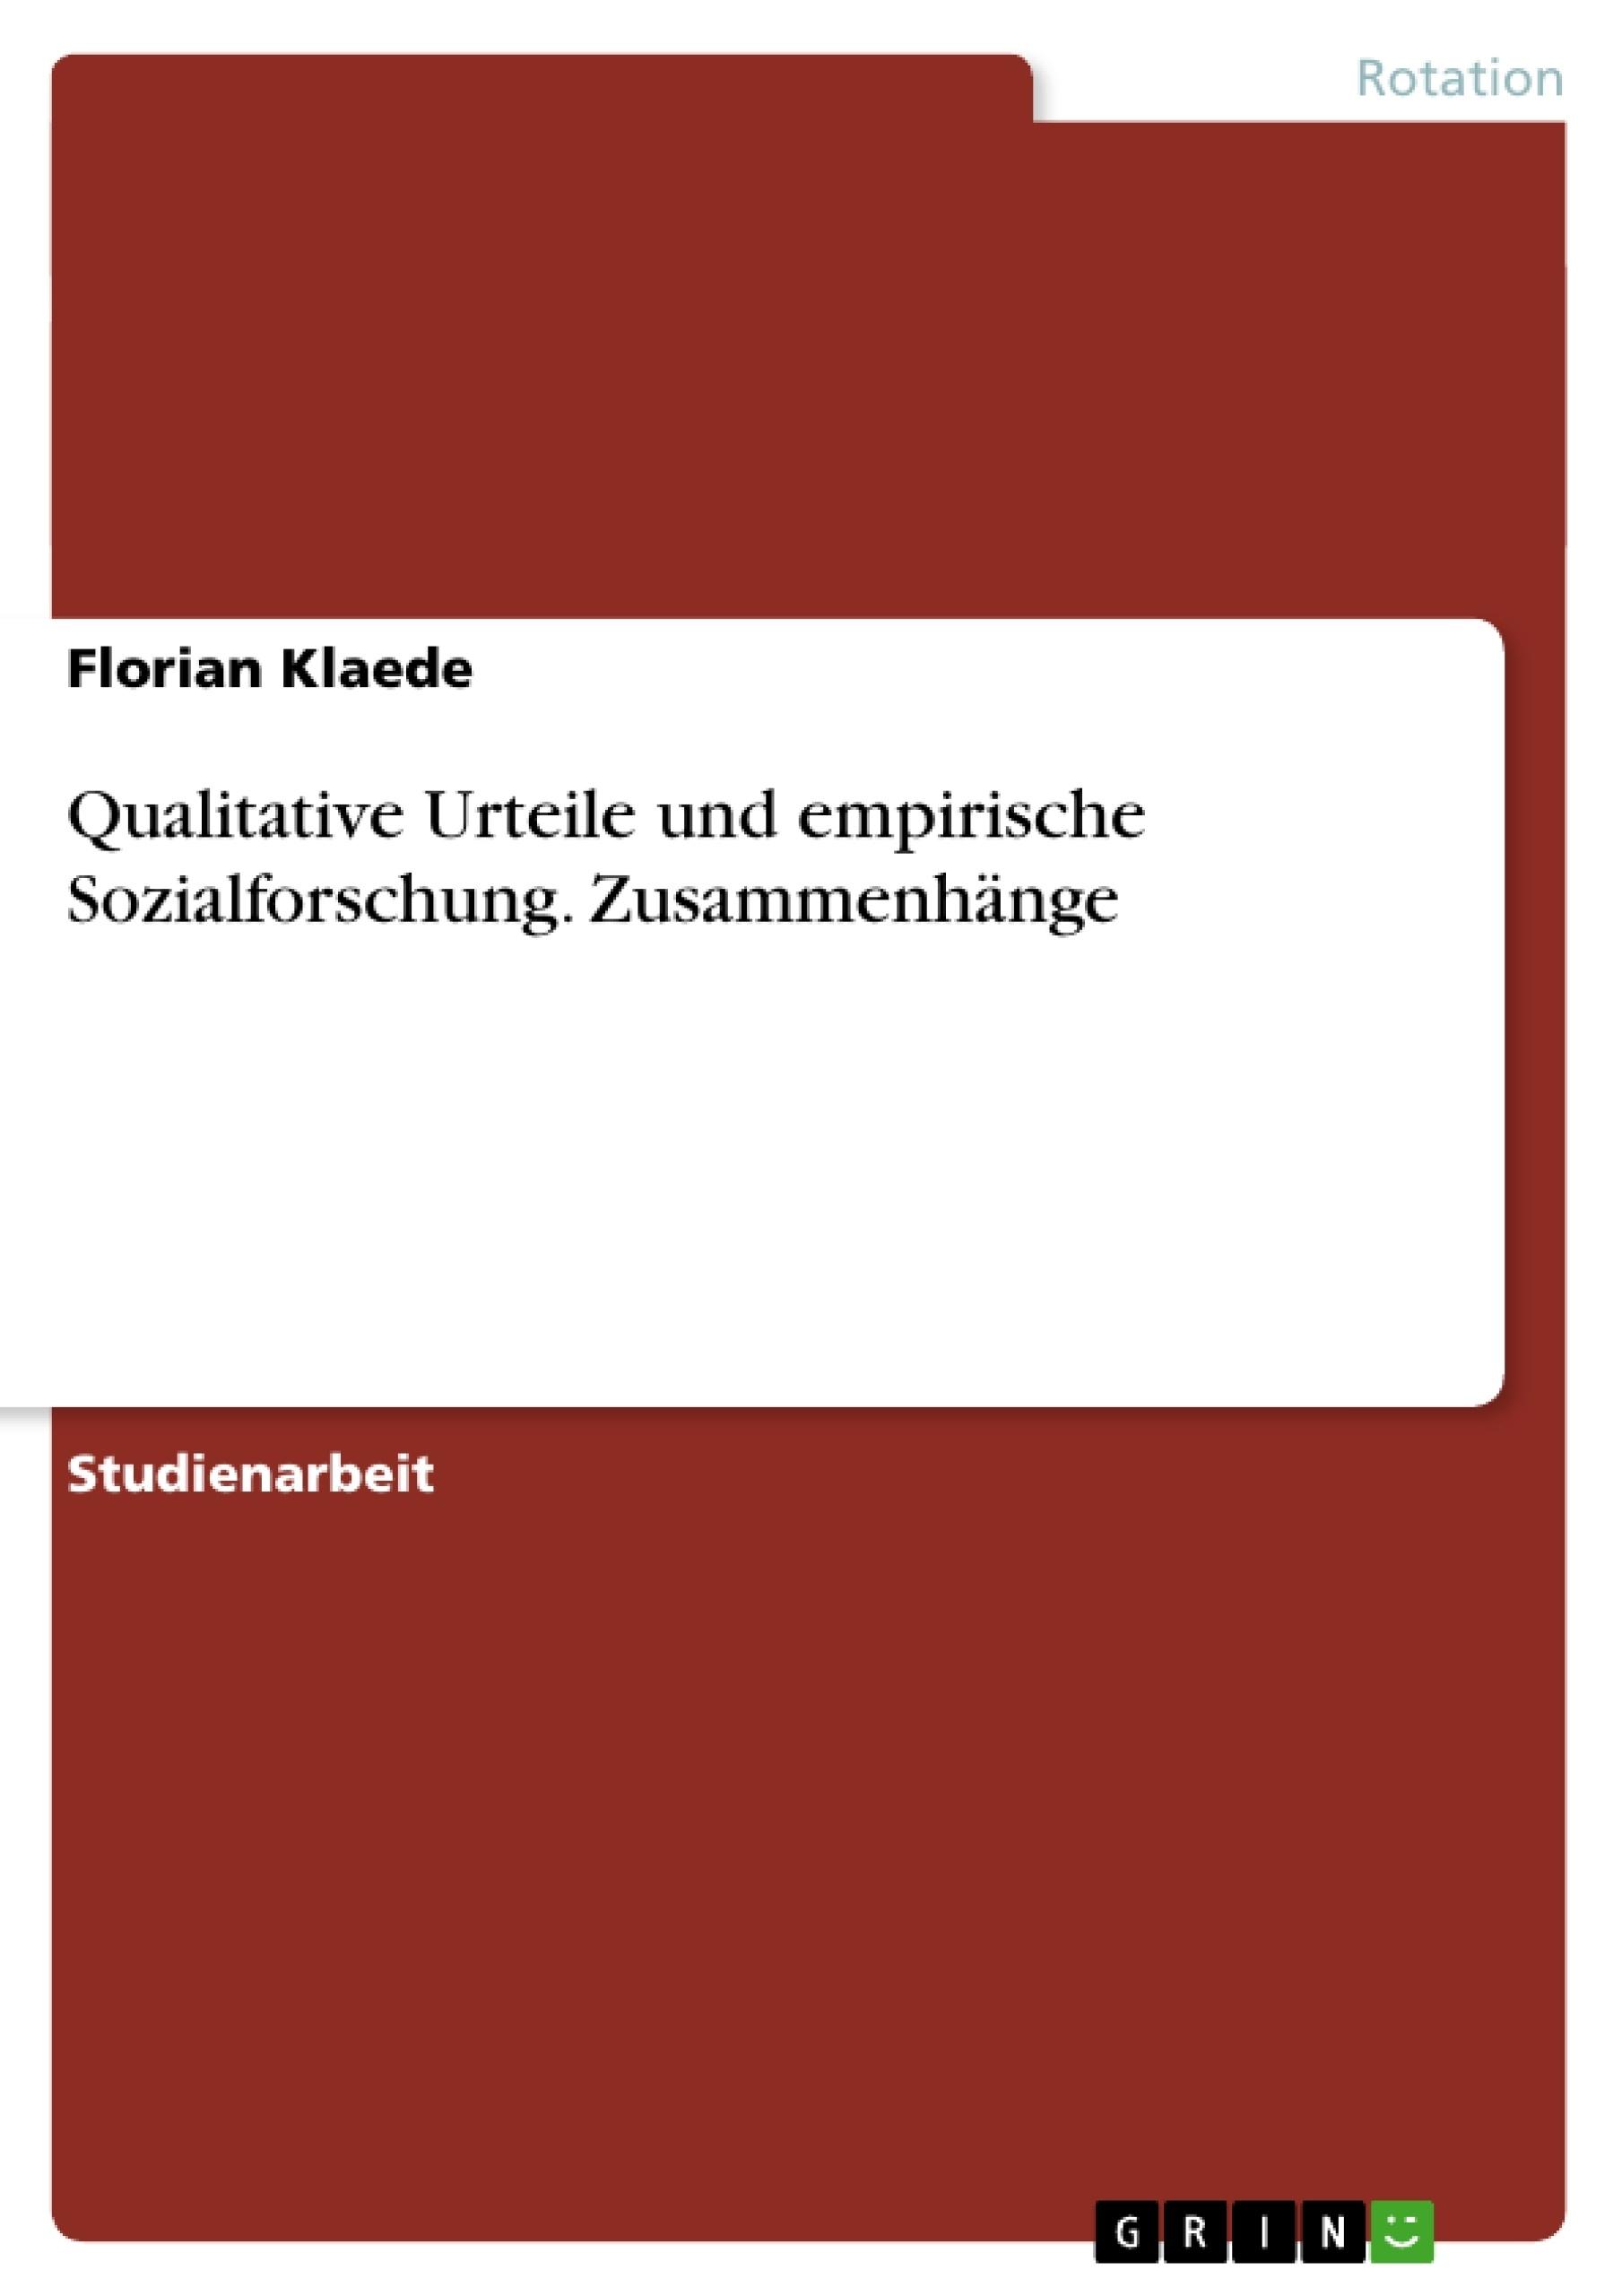 Titel: Qualitative Urteile und empirische Sozialforschung. Zusammenhänge